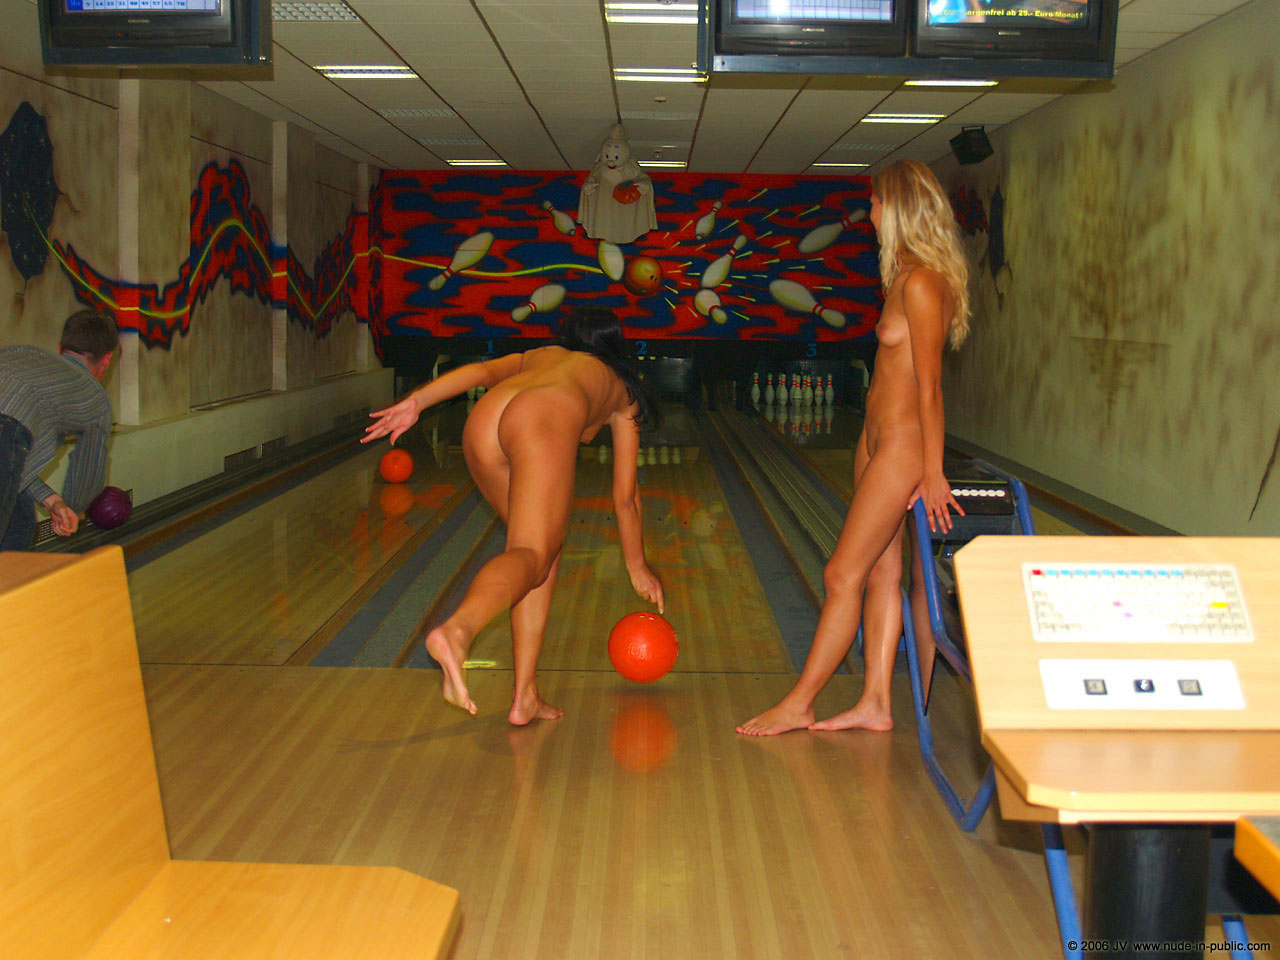 Смотреть как нудисты играют в боулинг 10 фотография